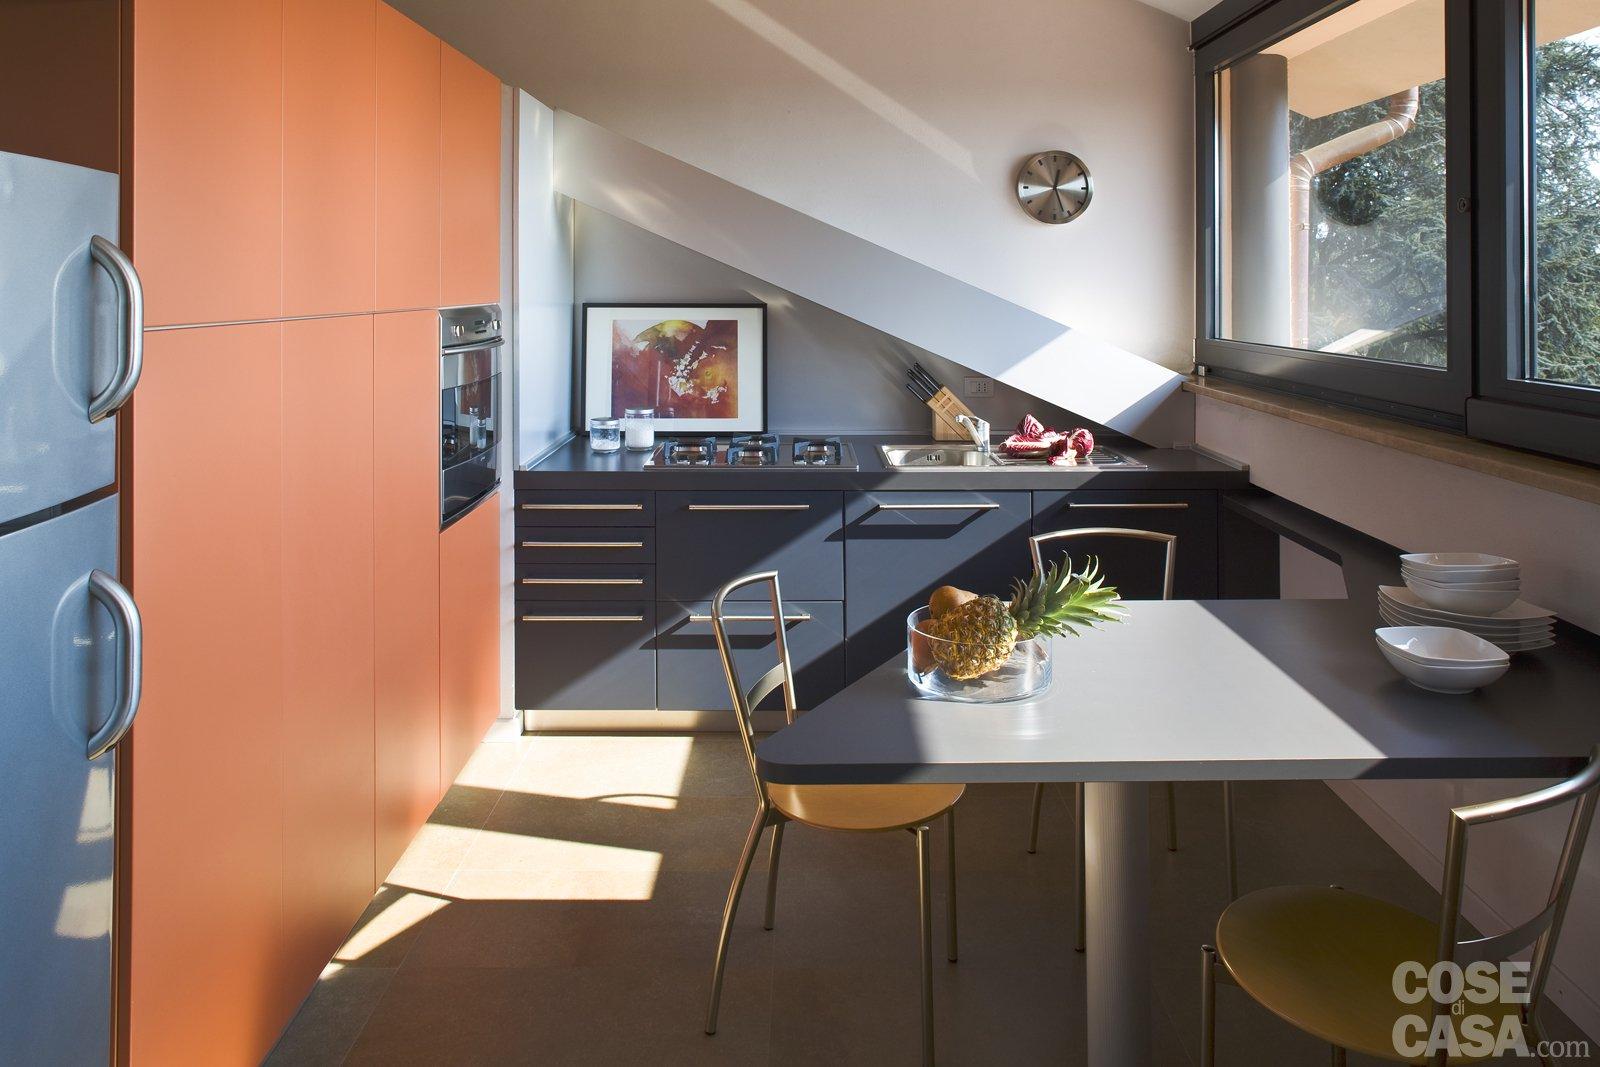 Casa in mansarda con le soluzioni giuste per gli spazi for Immagini cucina soggiorno